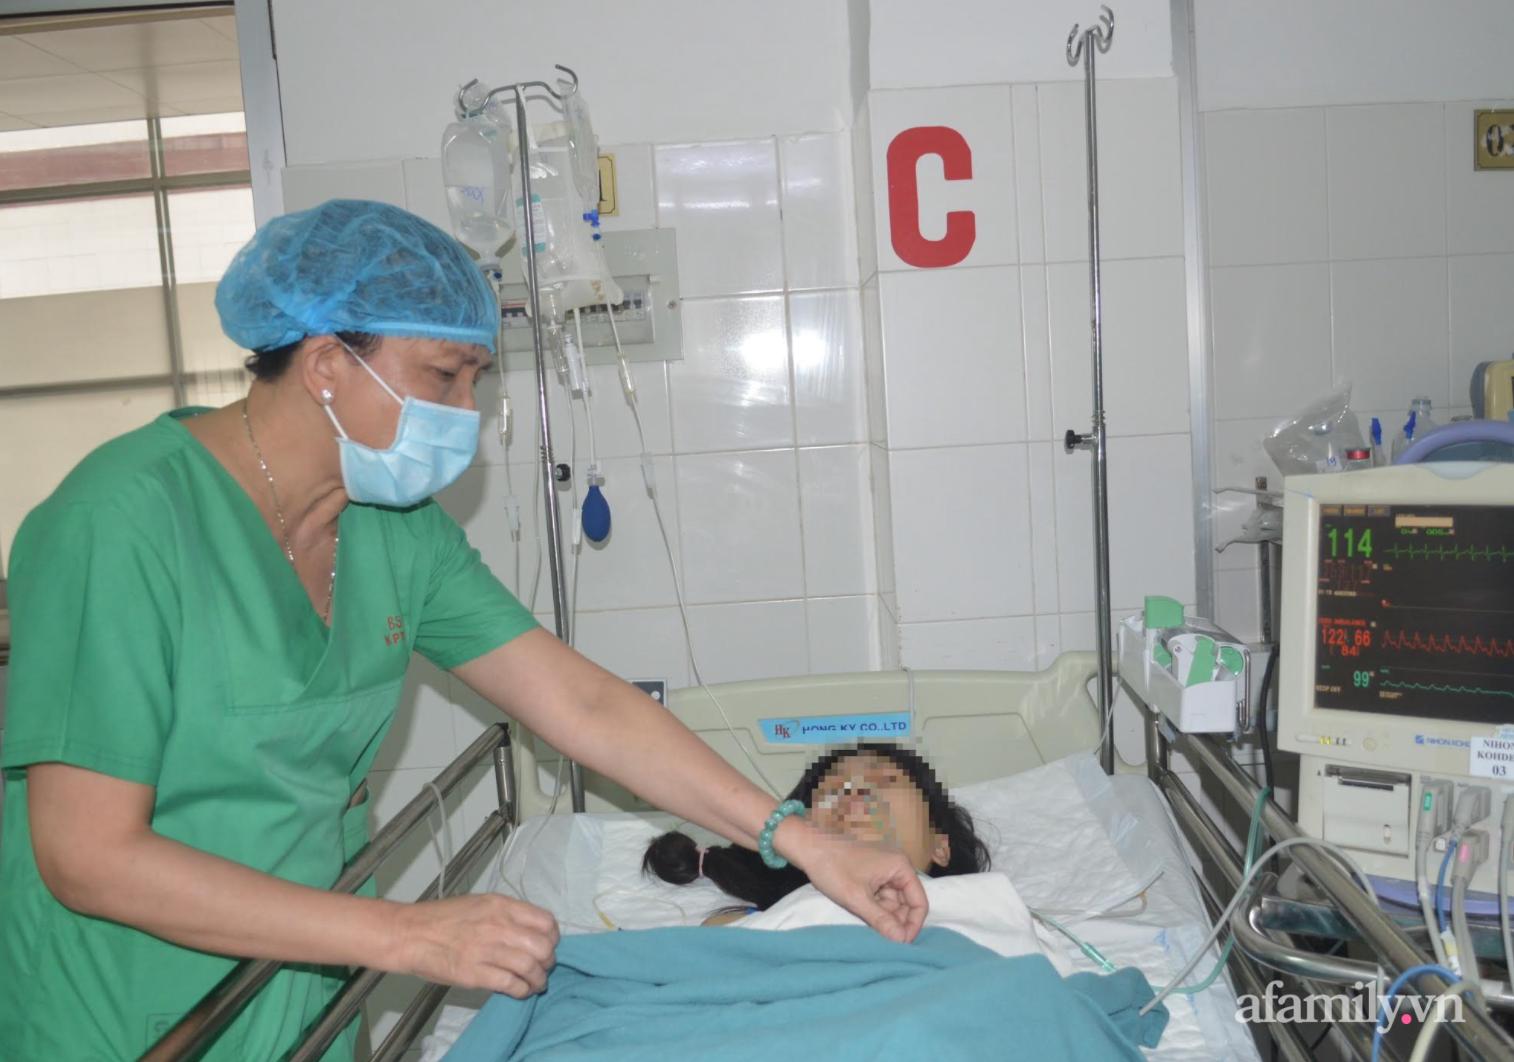 Tai nạn kinh hoàng: Cô gái 22 tuổi ngã ra đường bị container cán qua người được cứu sống thần kỳ - Ảnh 3.